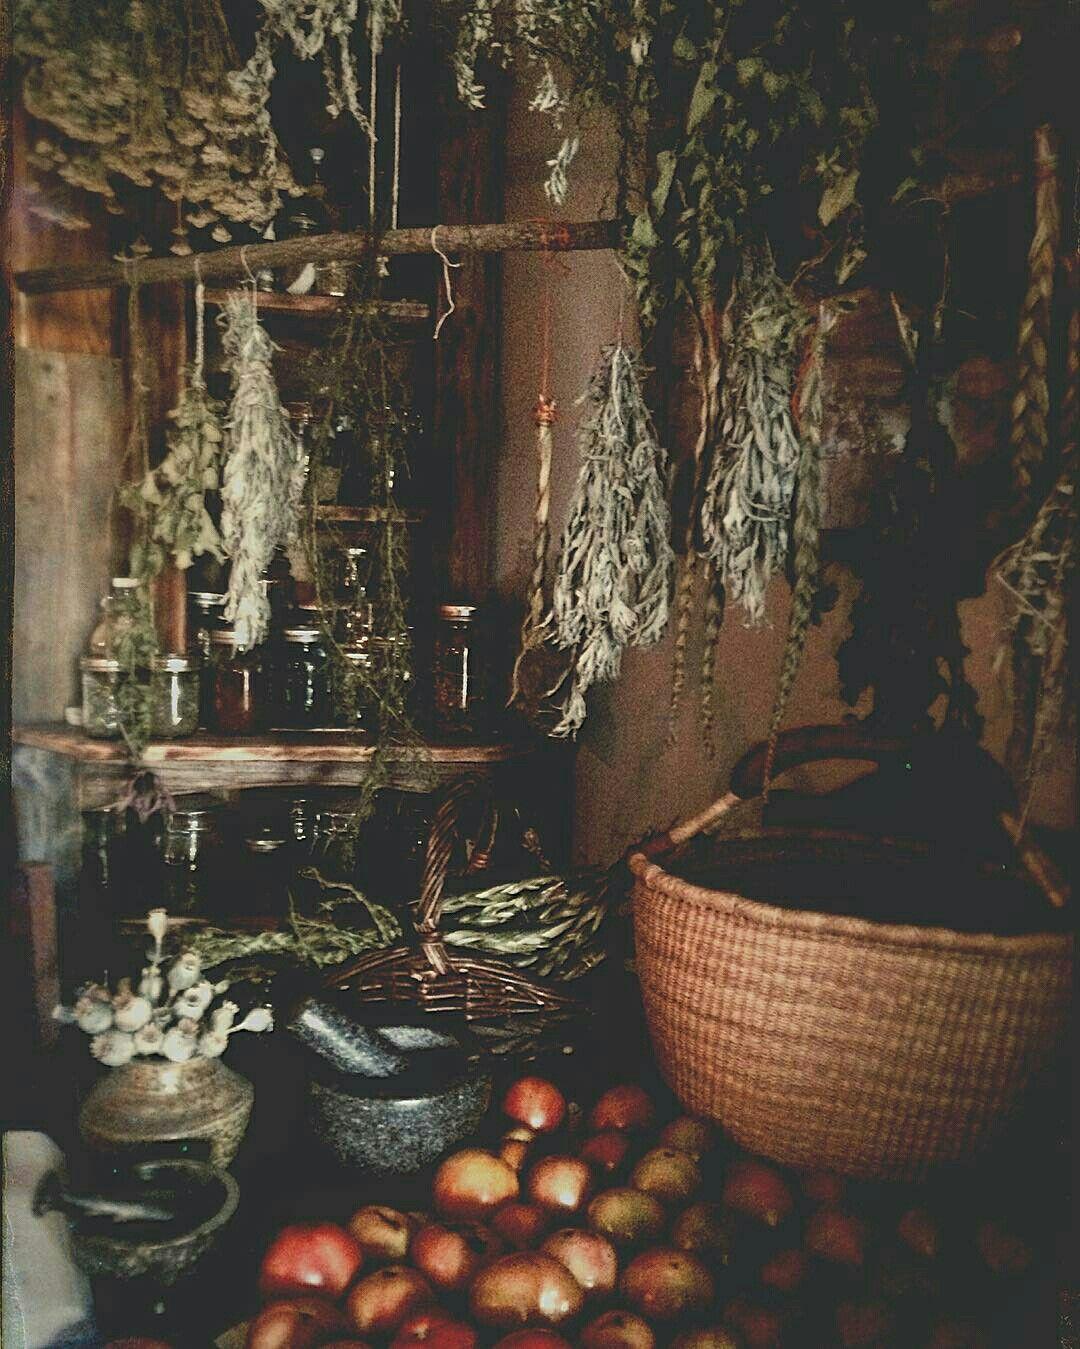 acahkosiskwew instagram | **Hedgewitch garden* | Pinterest ...